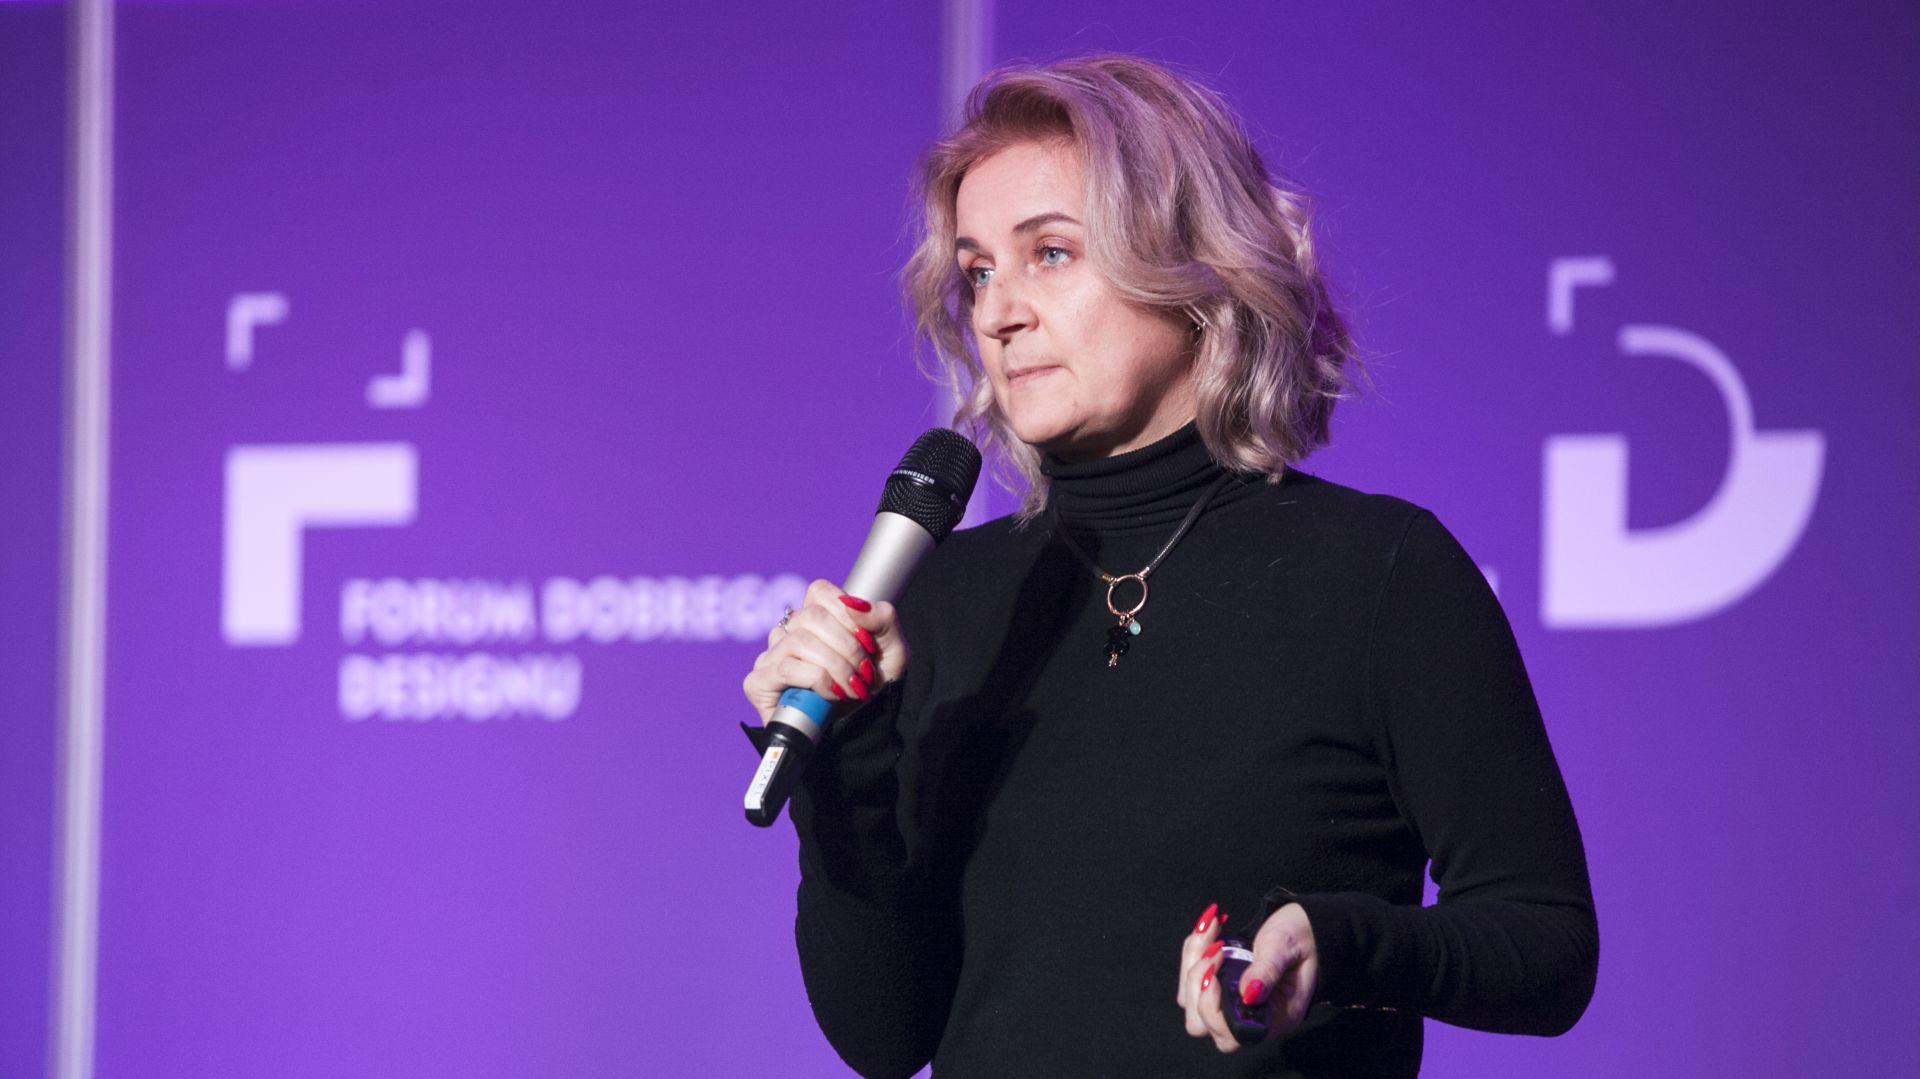 Agnieszka Golebiewska, Anwis. Fot. Paweł Pawłowski/PTWP